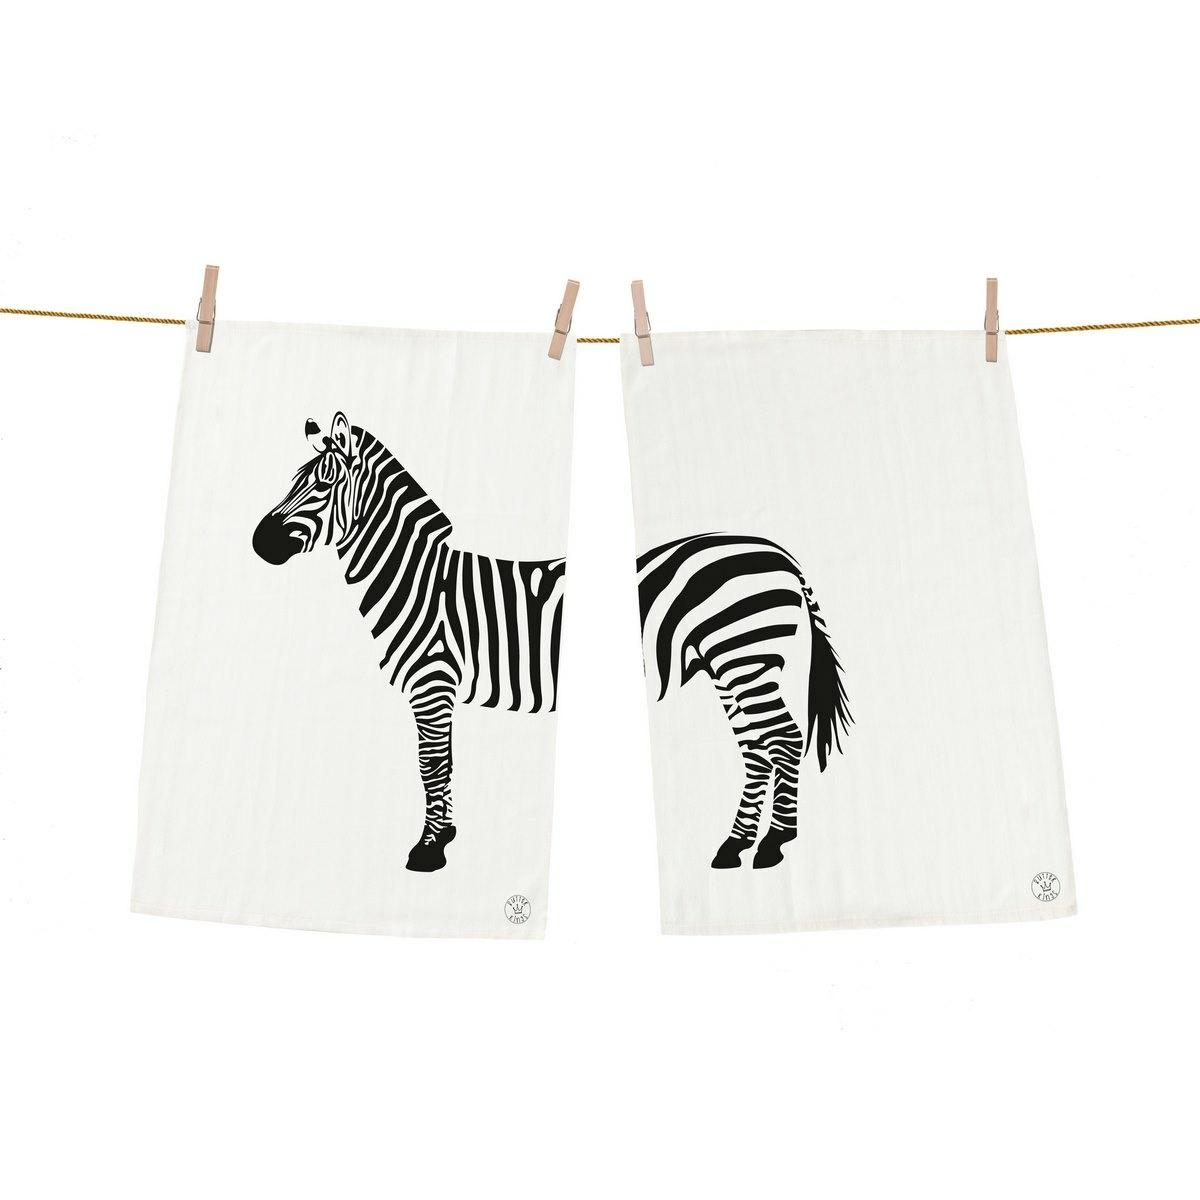 Butter Kings Kuchyňská utěrka Zebra, 50 x 70 cm, sada 2 ks